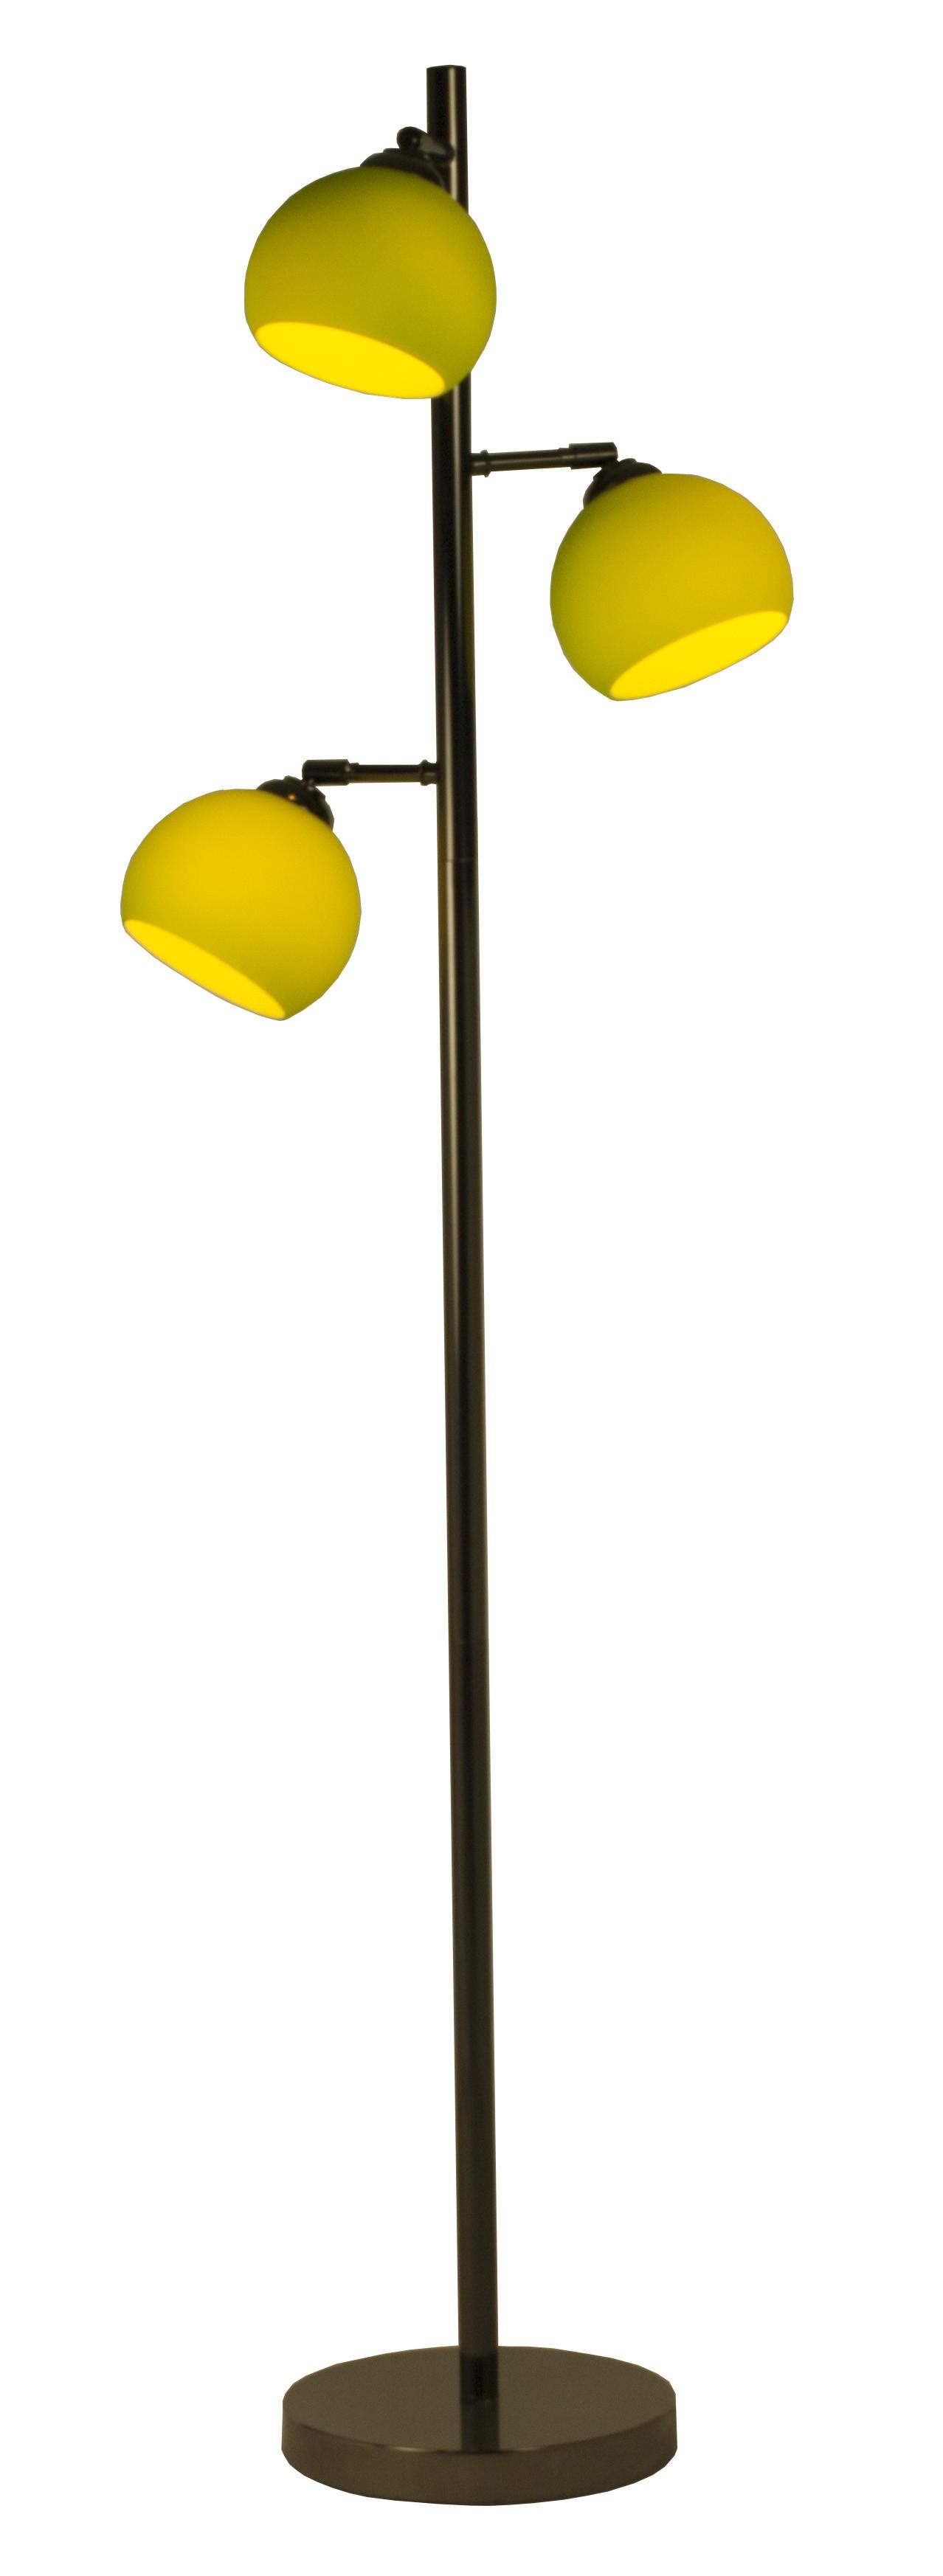 stehlampe mod ball floor gr n h c m bel. Black Bedroom Furniture Sets. Home Design Ideas